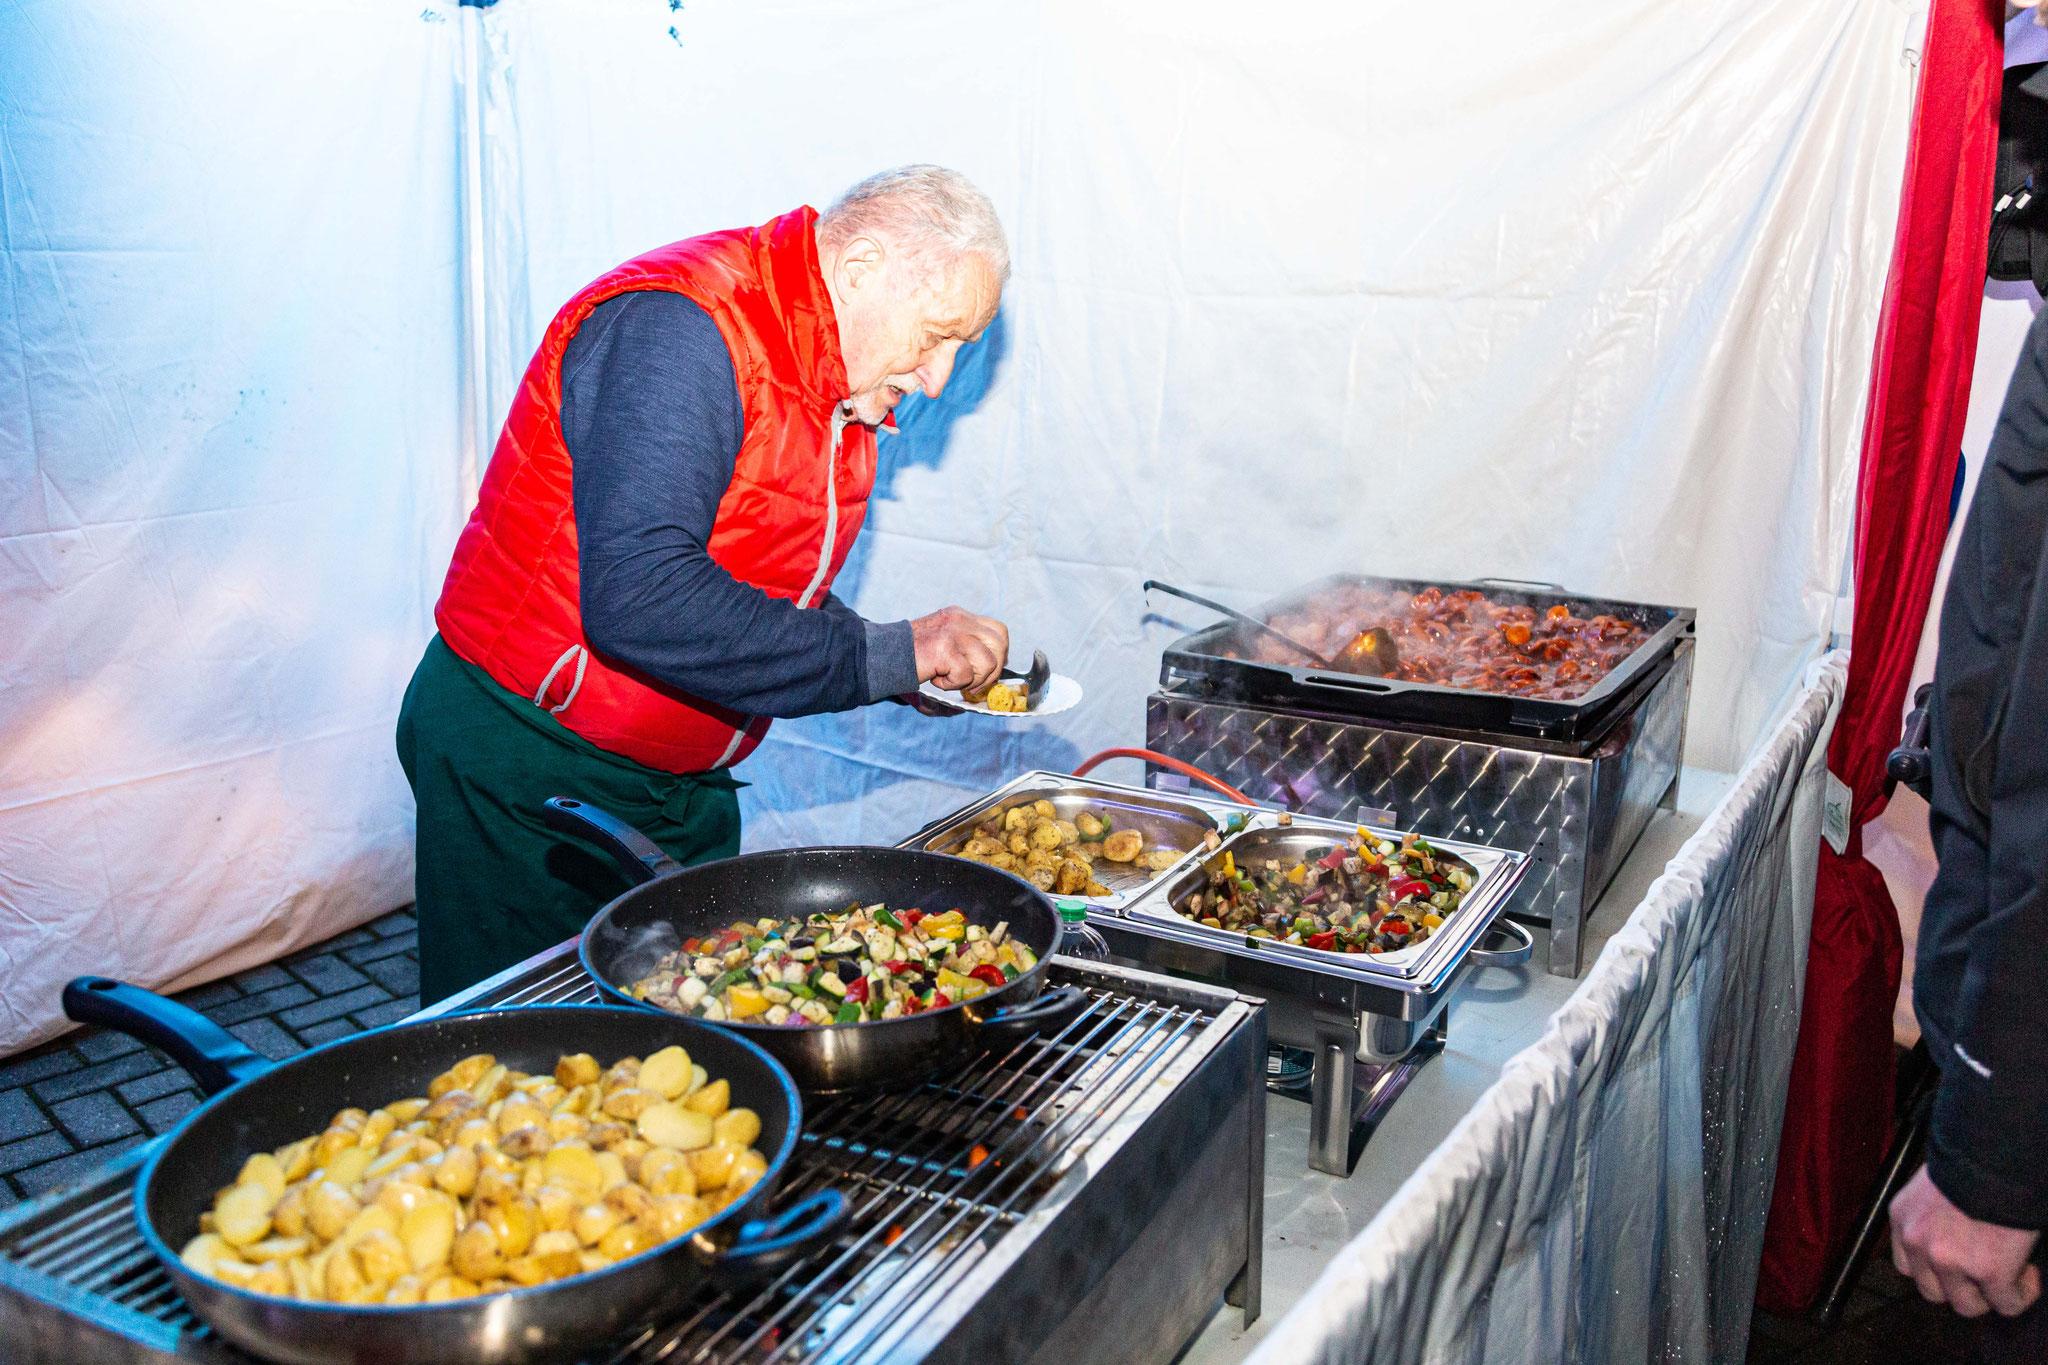 Auf dem mobilen Weihnachtmarkt vom ADAC gint es unser beliebte Grillstation